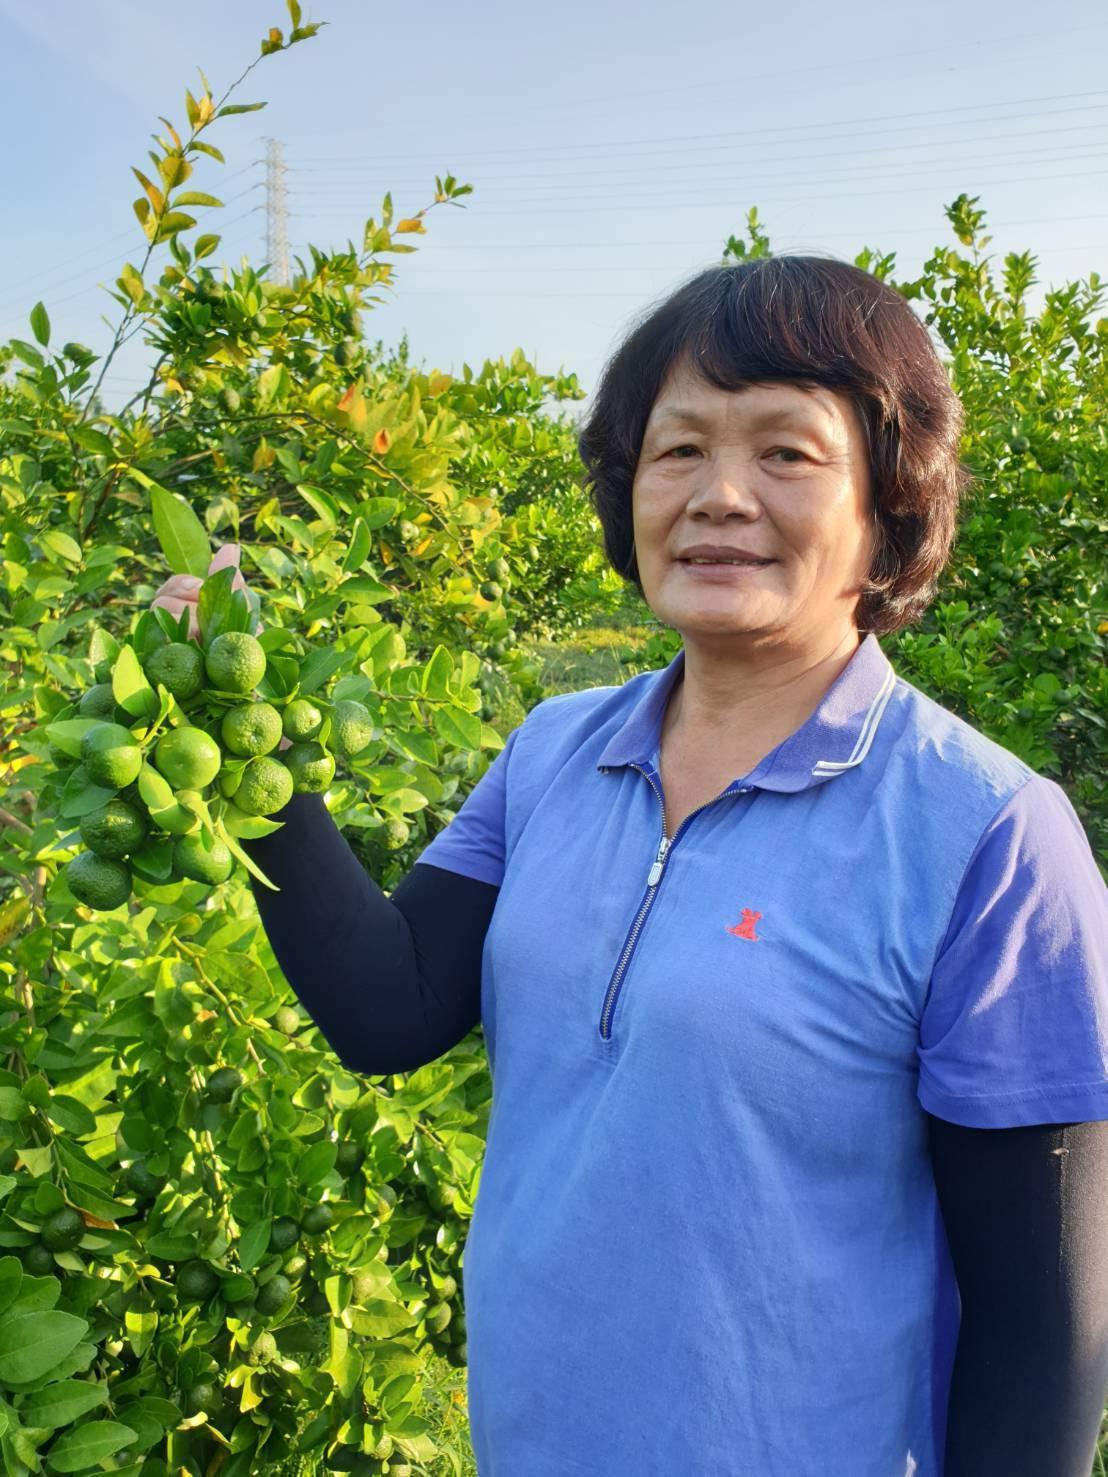 陳月娥說,台灣香檬平均一個月採收一次,每次上百斤左右,因簽訂固定價格,收入還蠻穩...